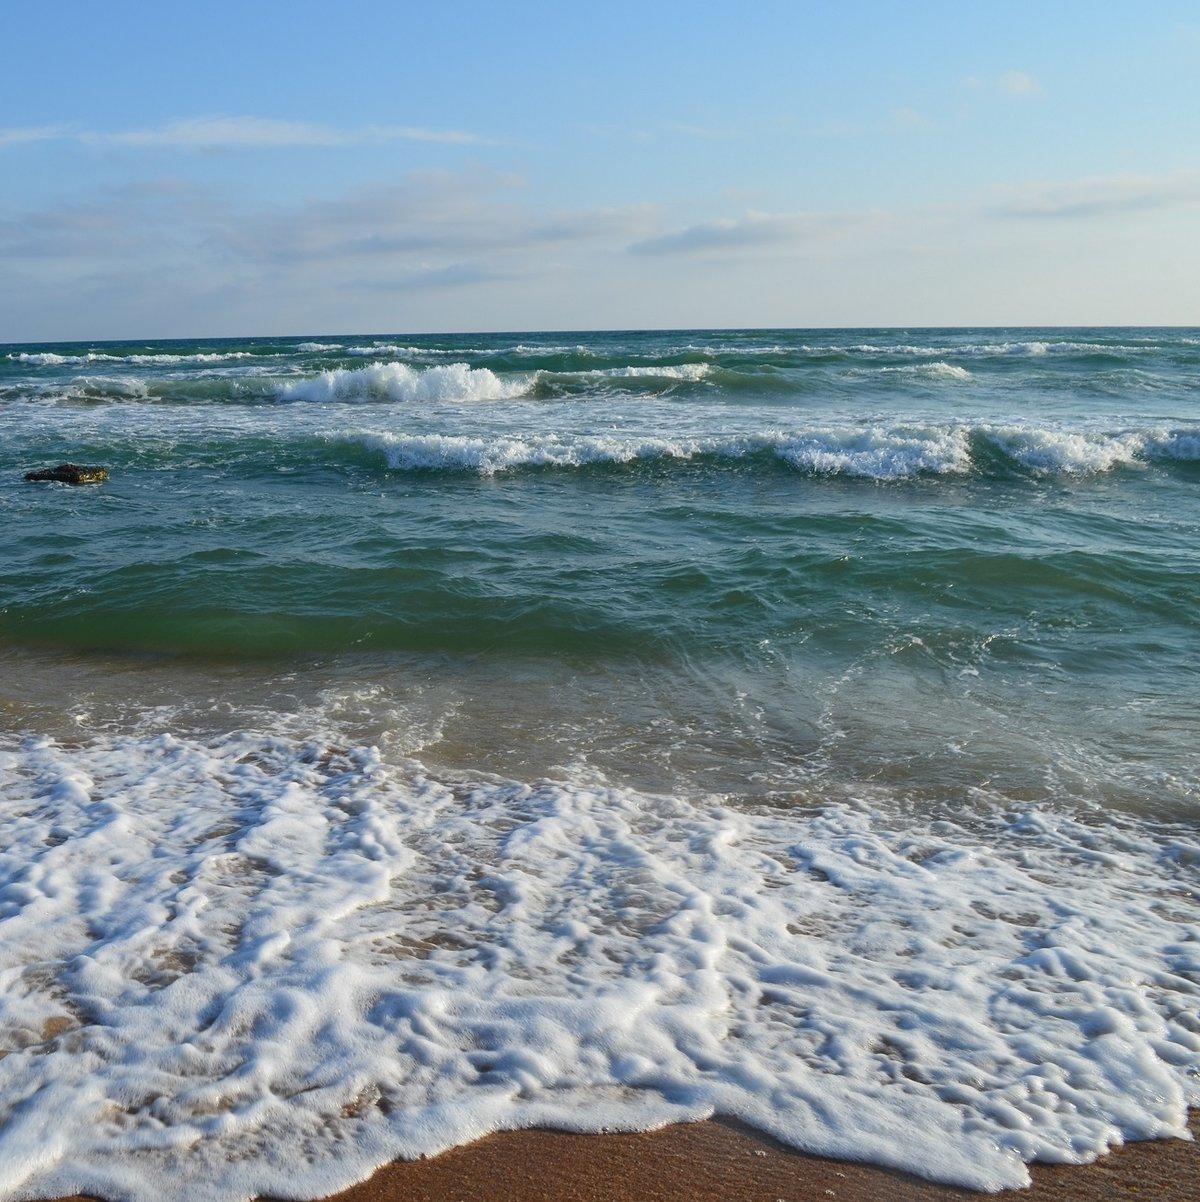 Картинки черного моря в анапе, открытки как